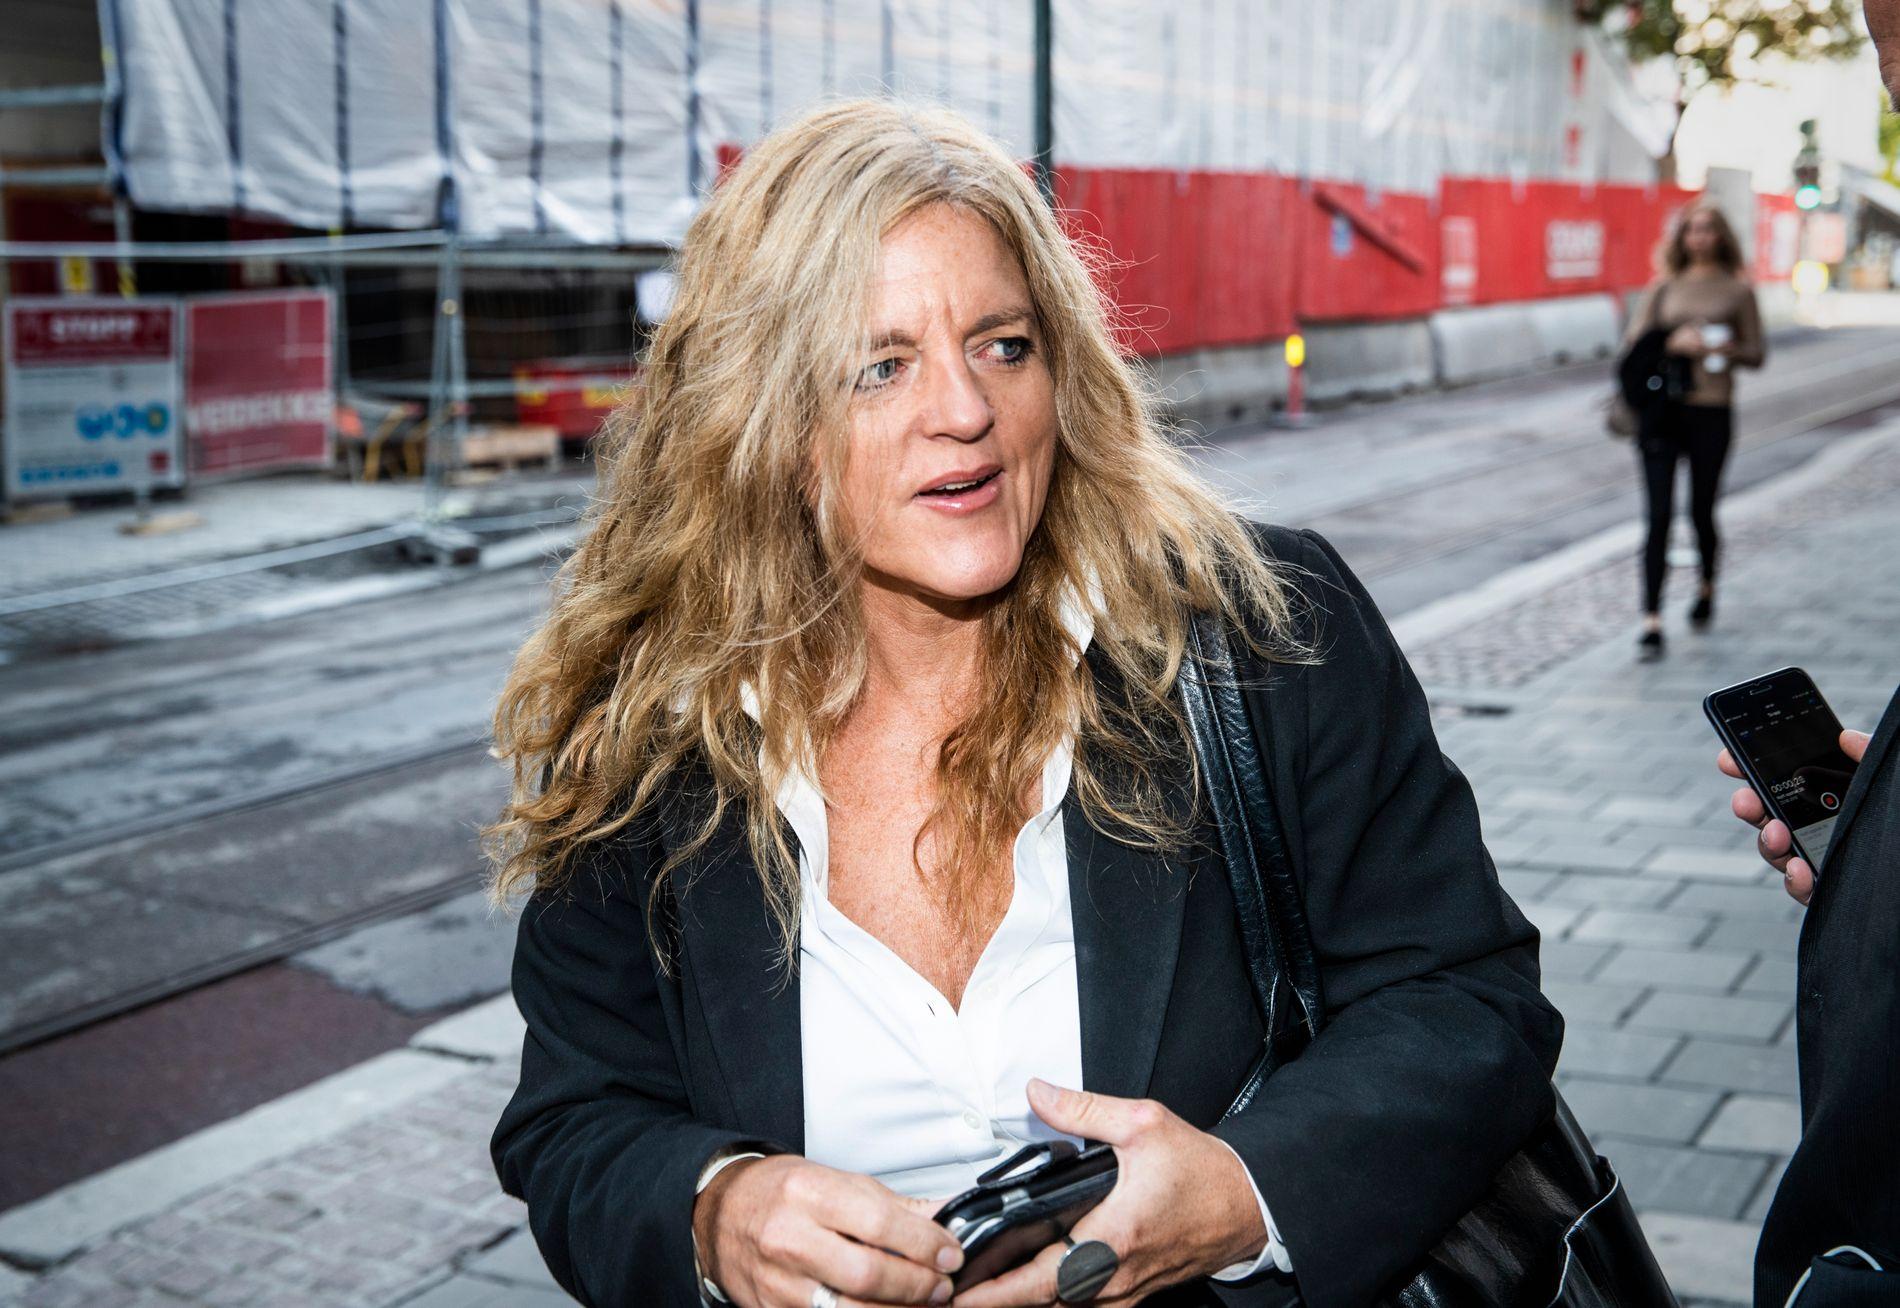 SLUTTER: Hilde Frafjord Johnson viser til at når det nå er valgt ny partiledelse, er det helt naturlig for henne å tre til side.